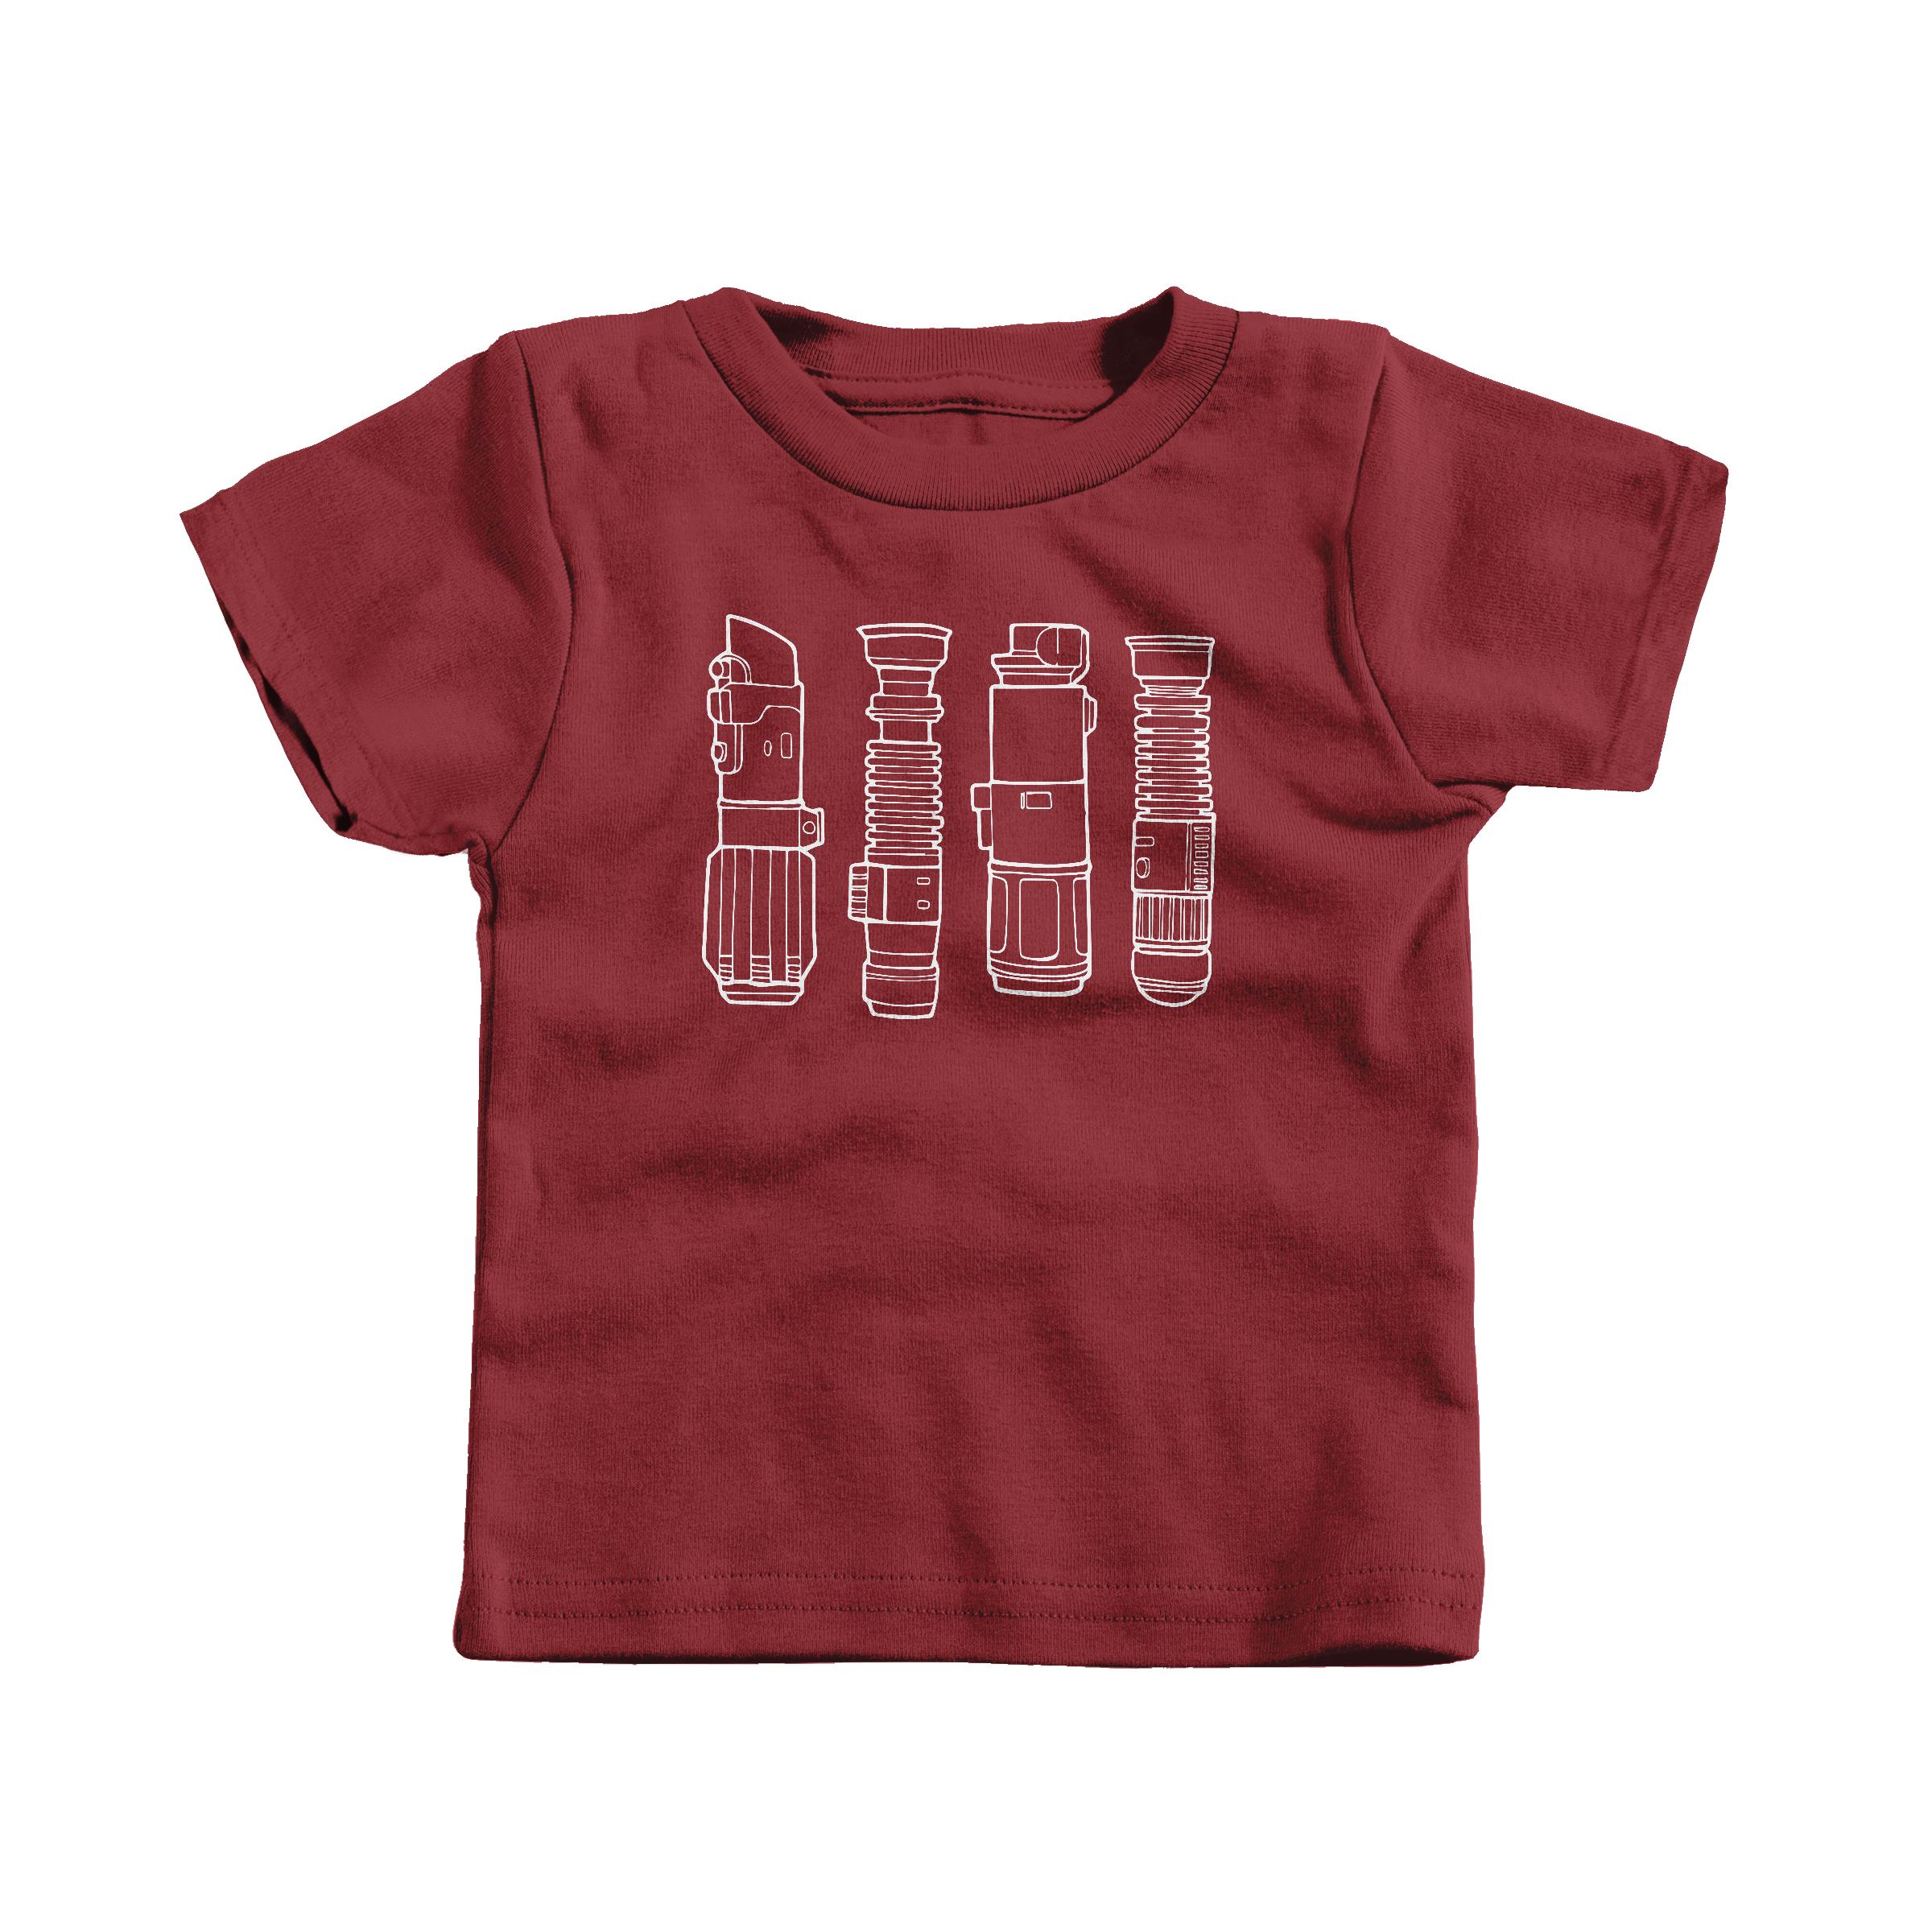 Lightsabers Garnet (T-Shirt)